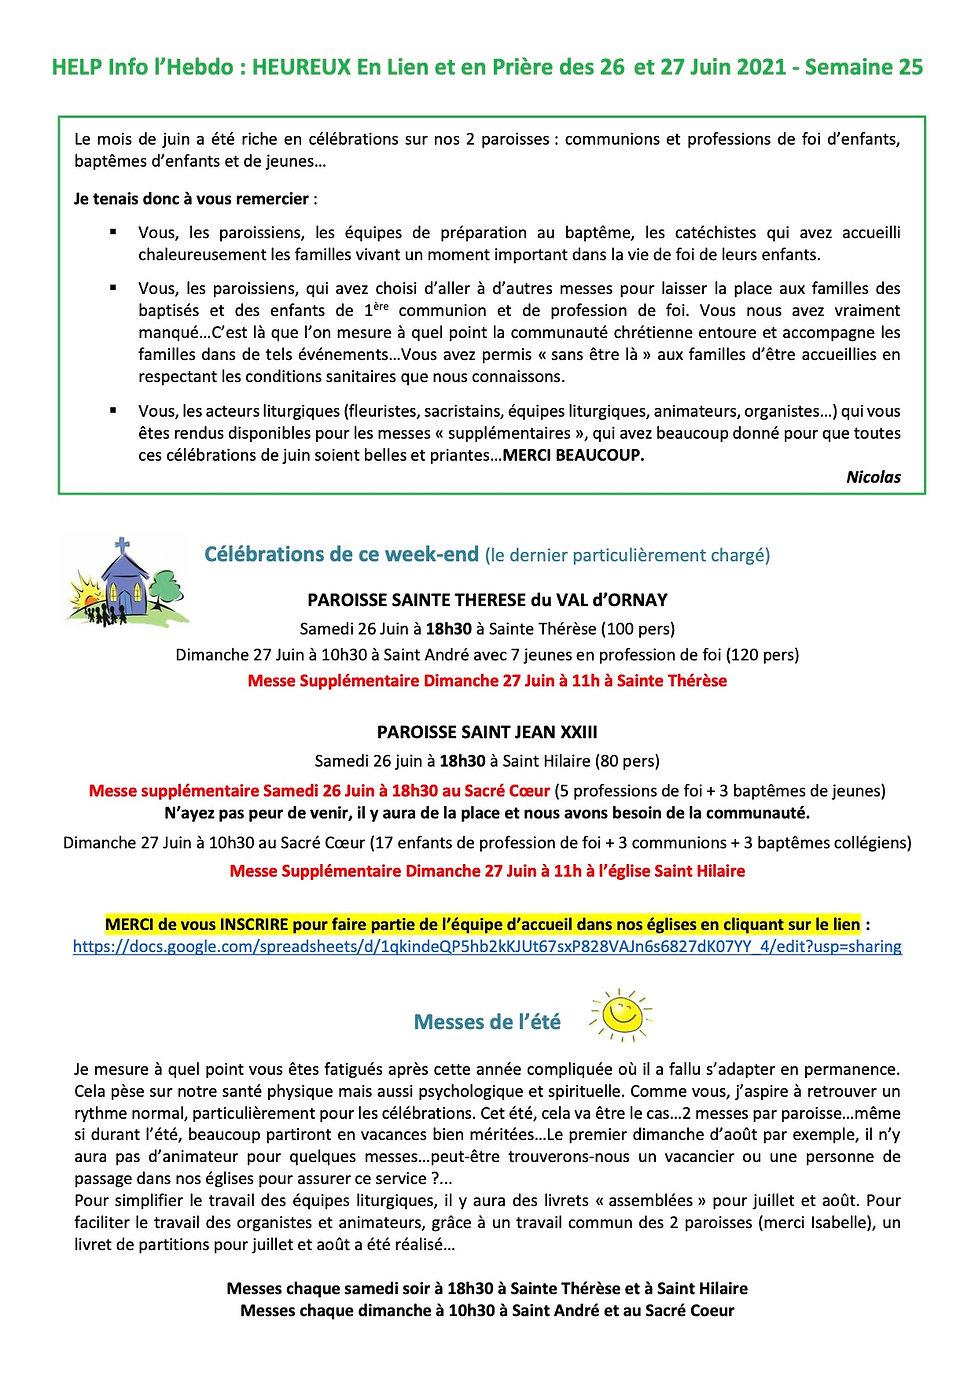 HELP Info Hebdo N°25.jpg